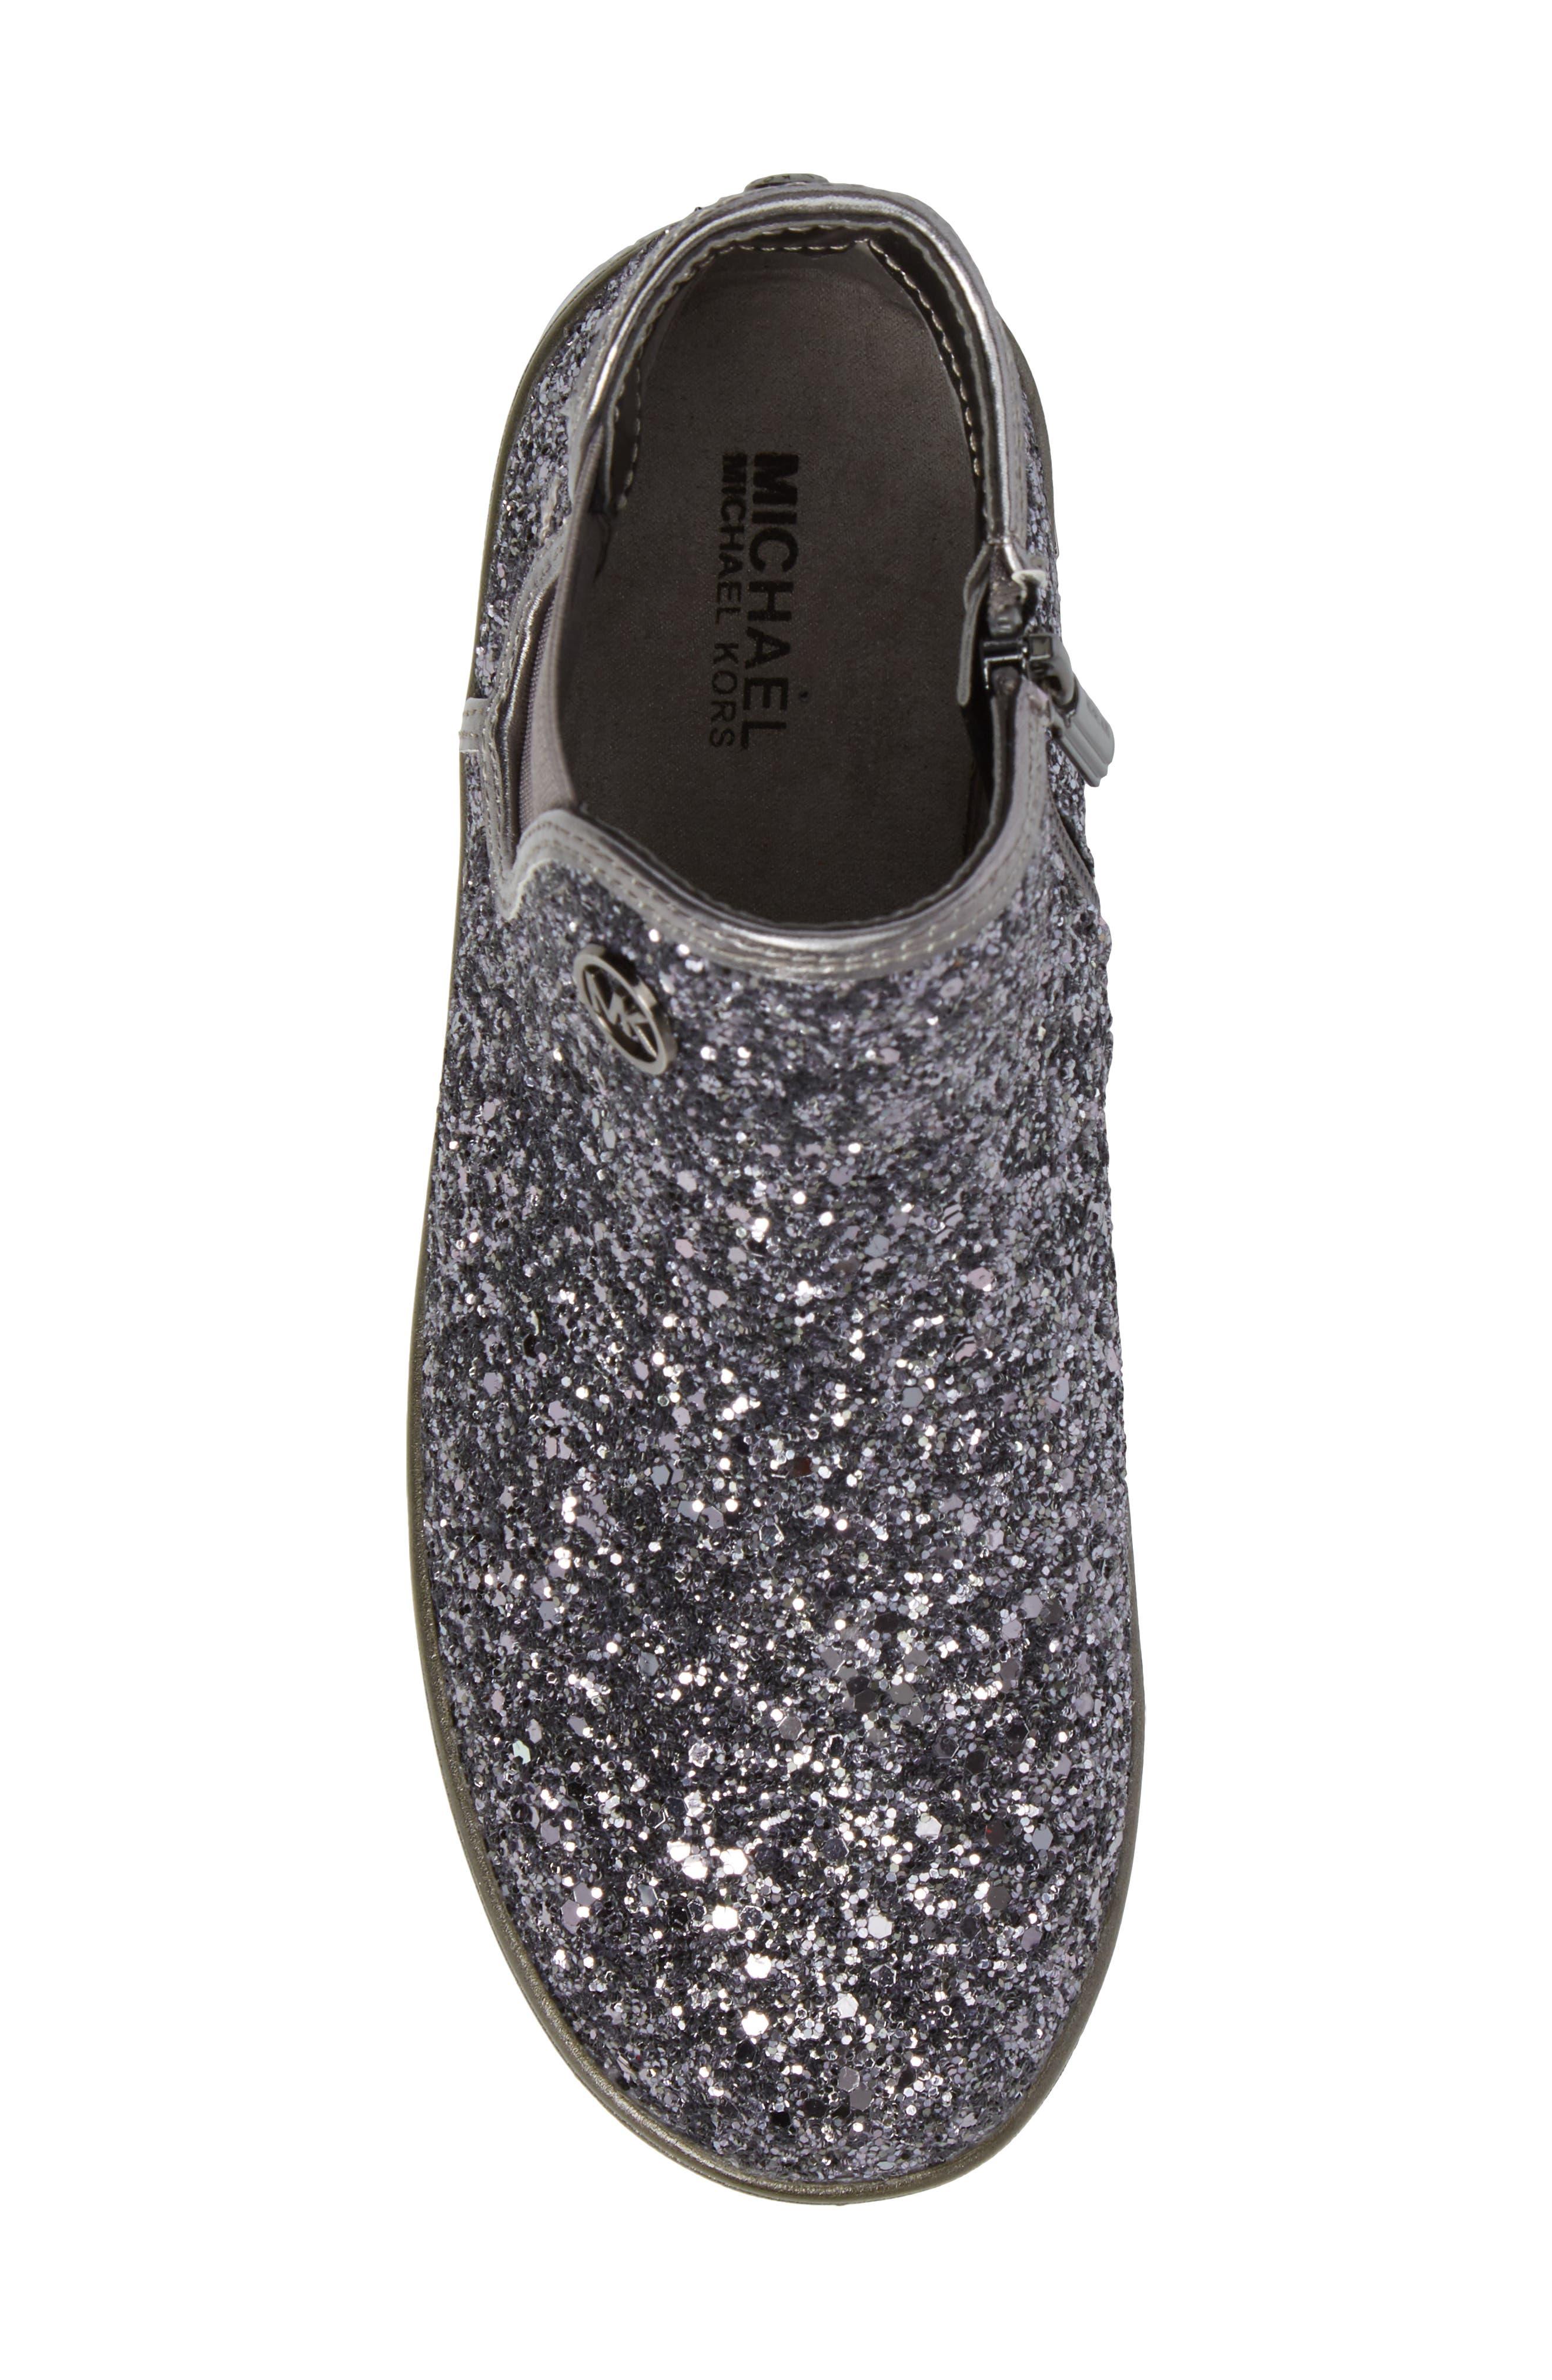 Ollie Rae Glittery Sneaker Boot,                             Alternate thumbnail 5, color,                             040